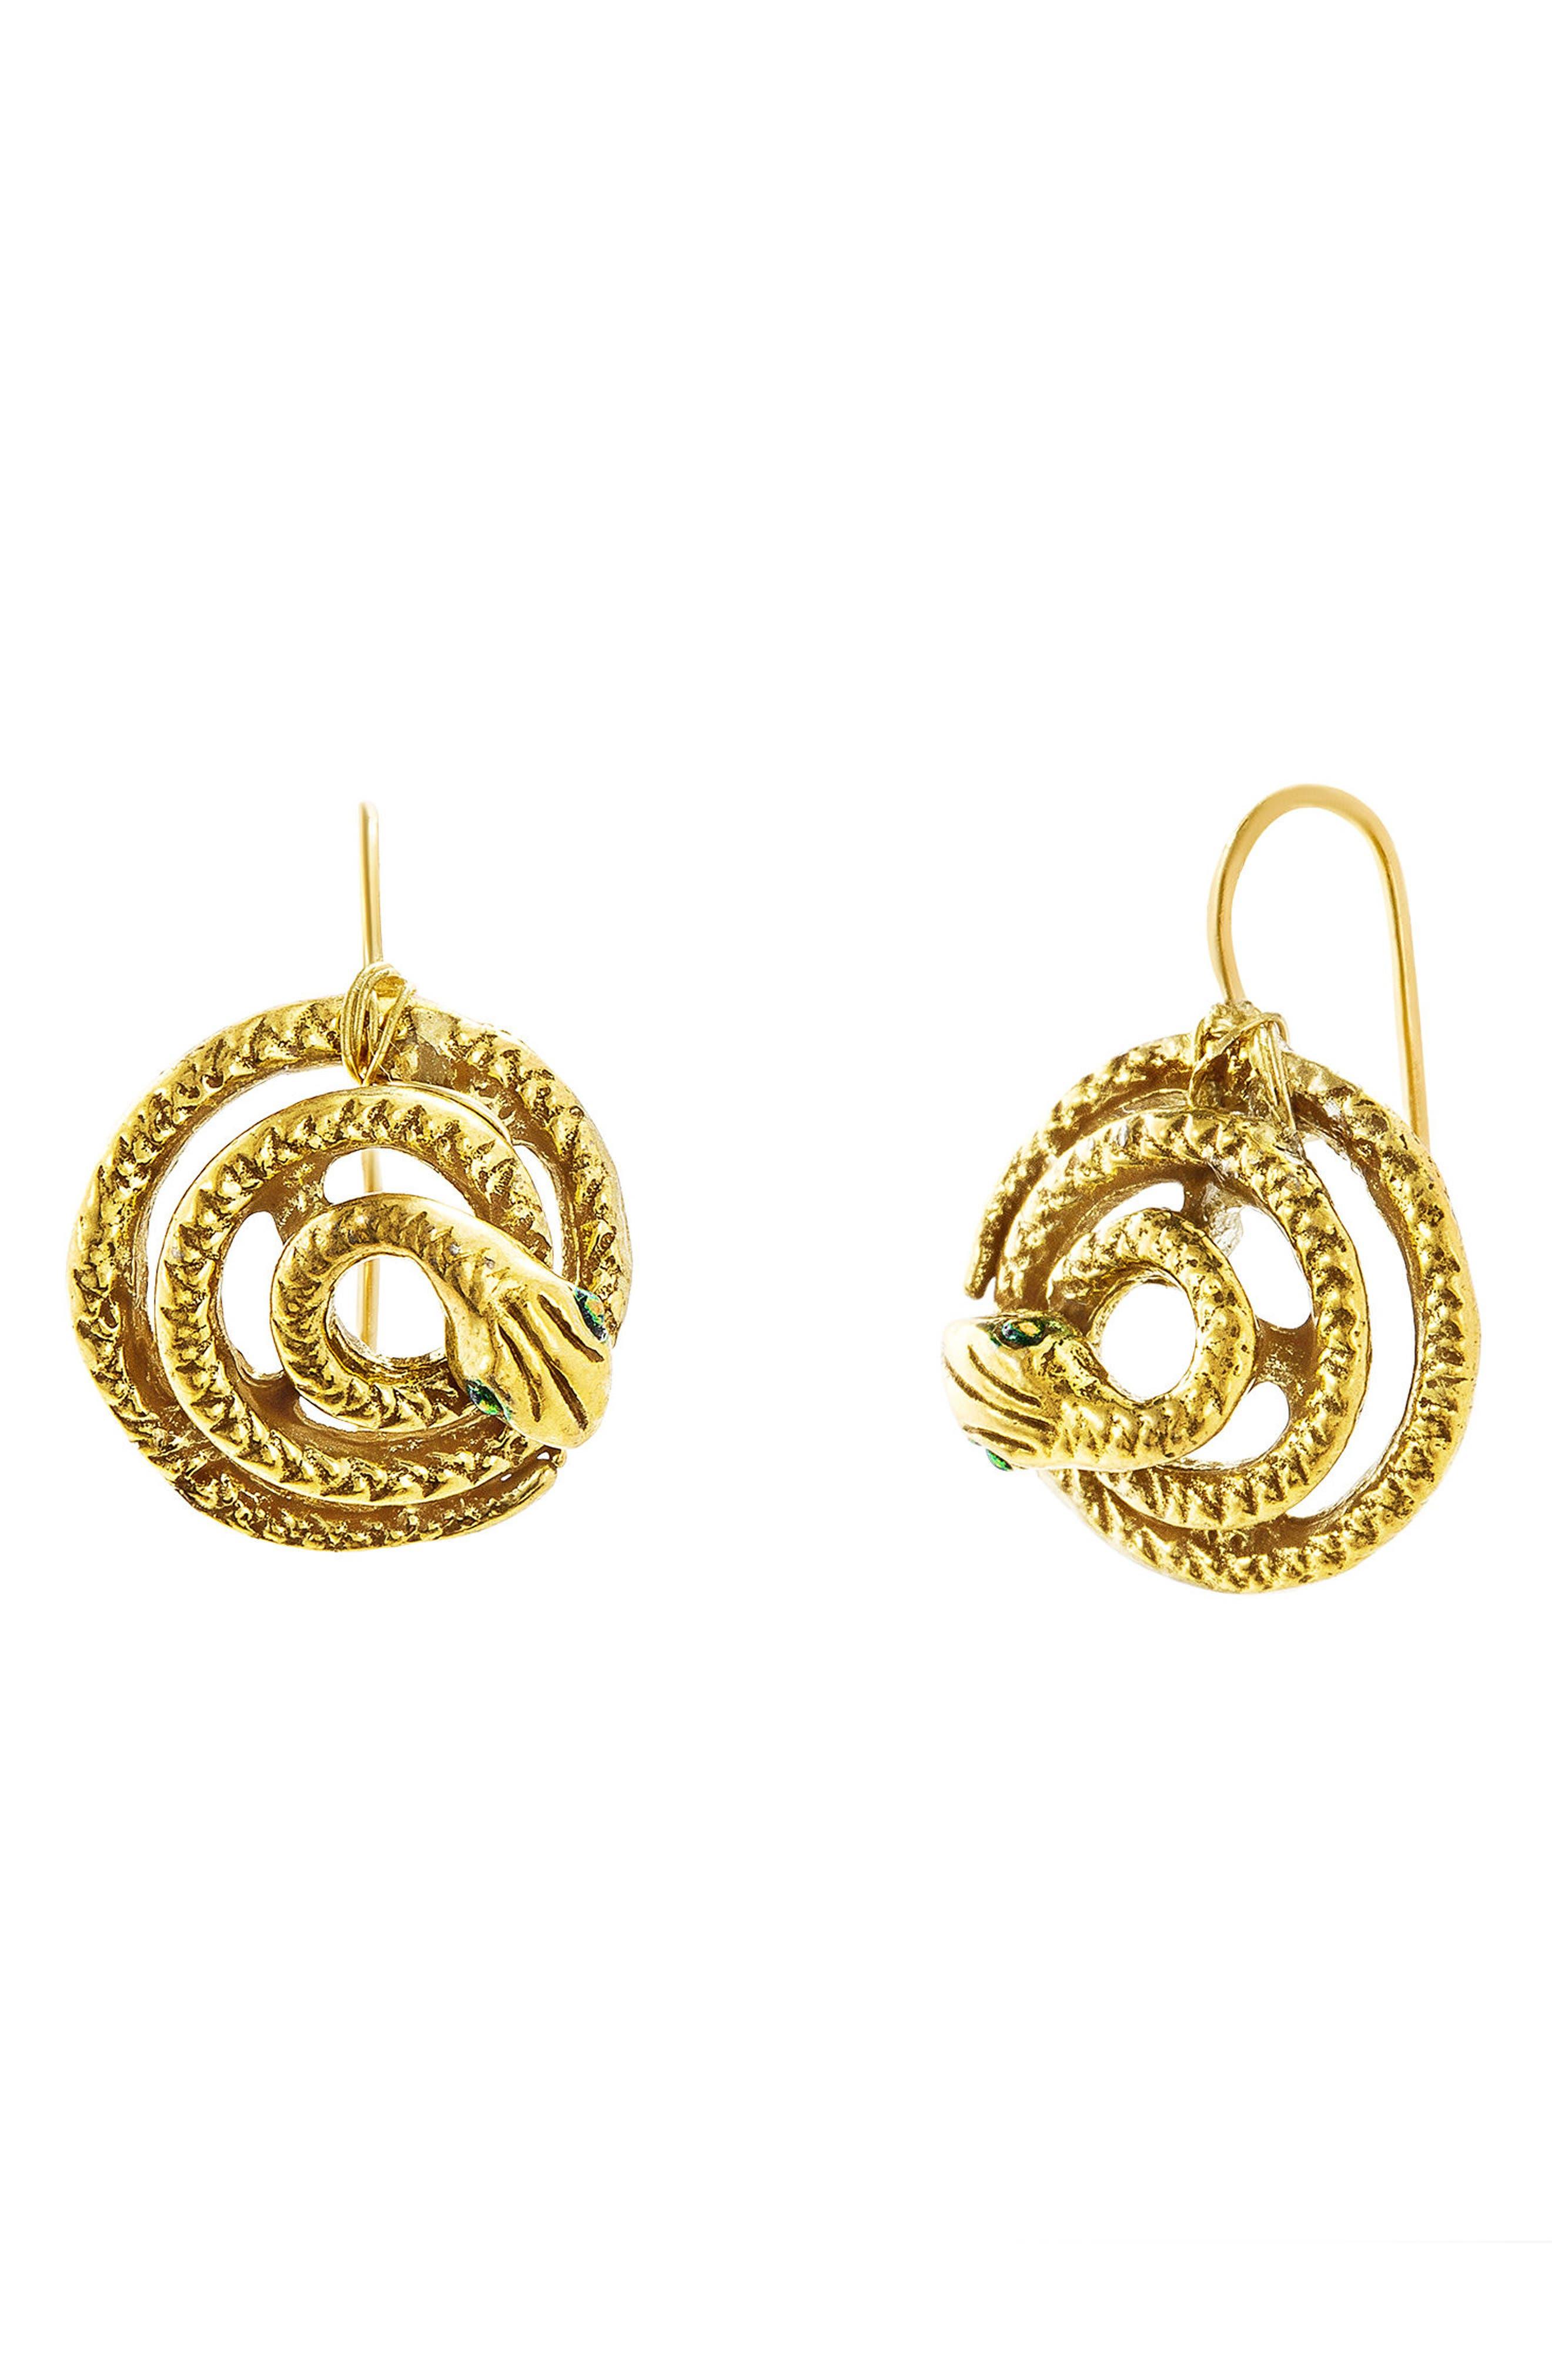 Main Image - Steve Madden Snake Earrings